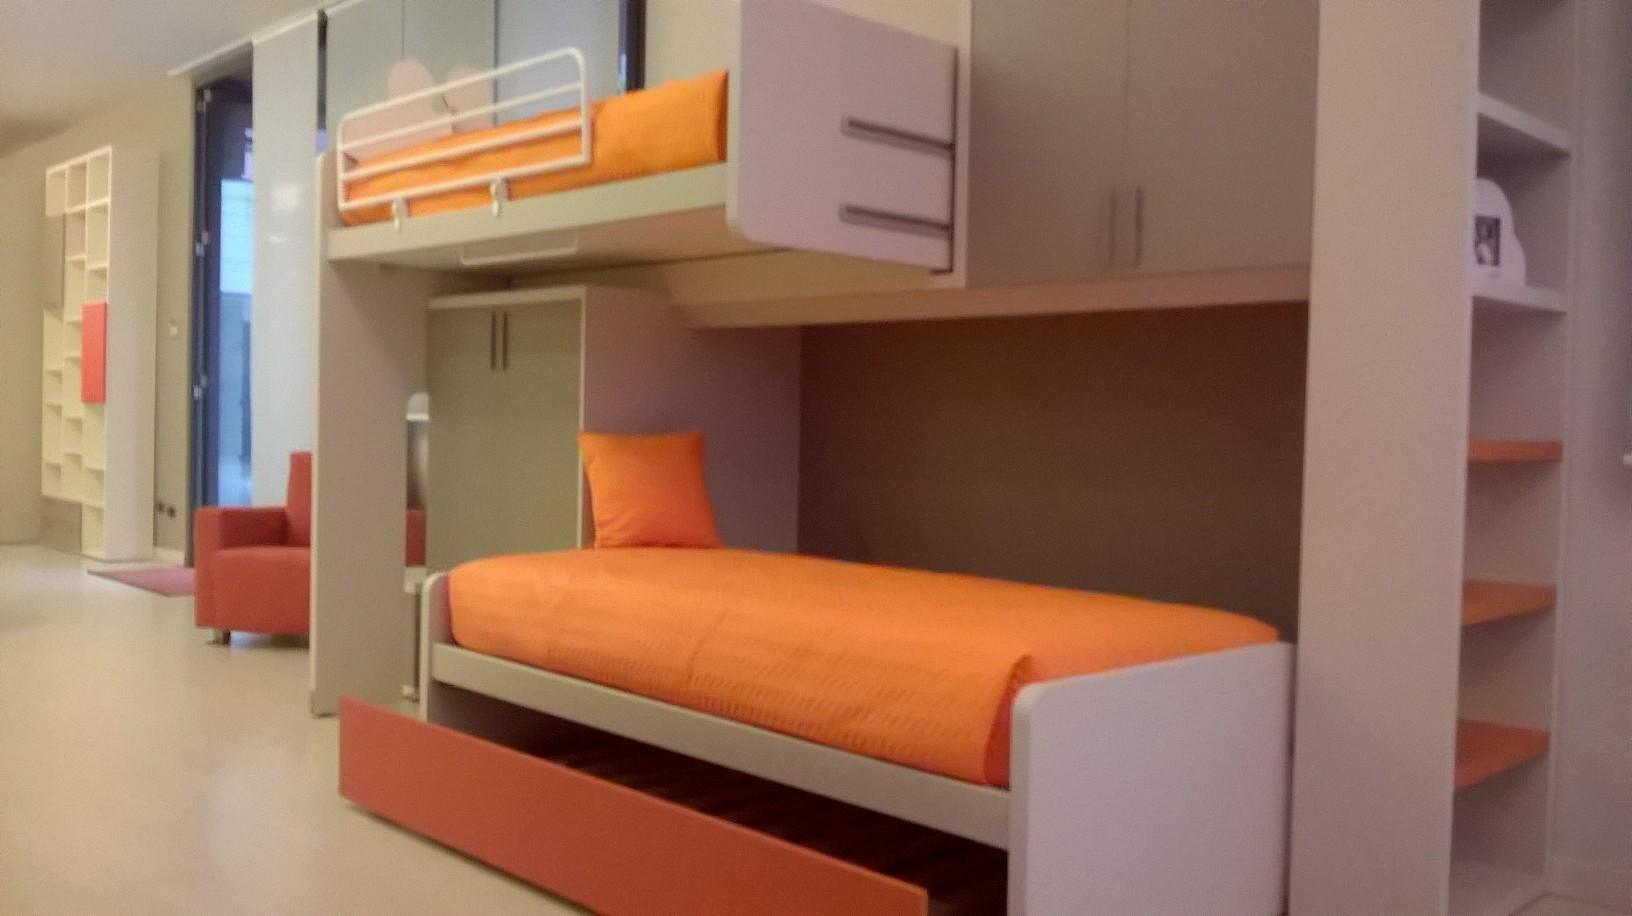 Letto castello per ragazzi - Ikea camerette a soppalco ...